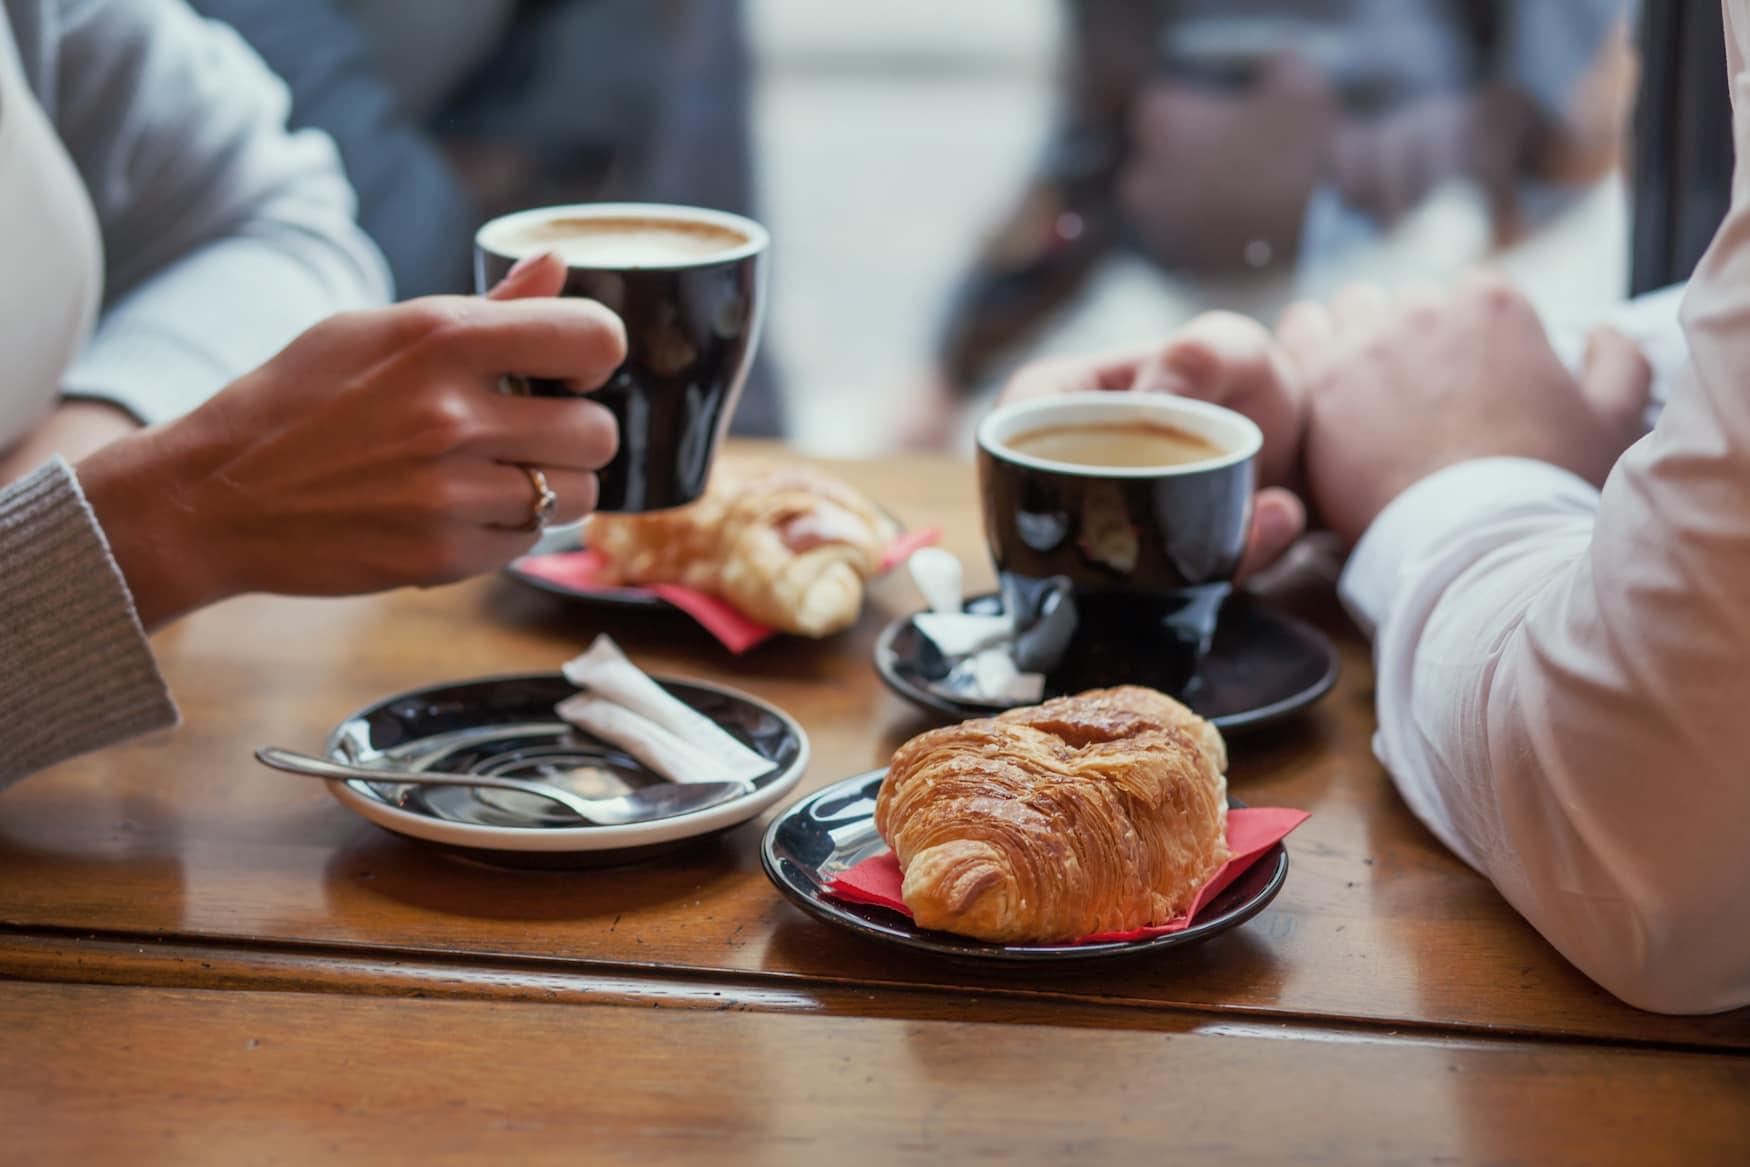 Französisches Frühstück mit Café au laut und Croissant